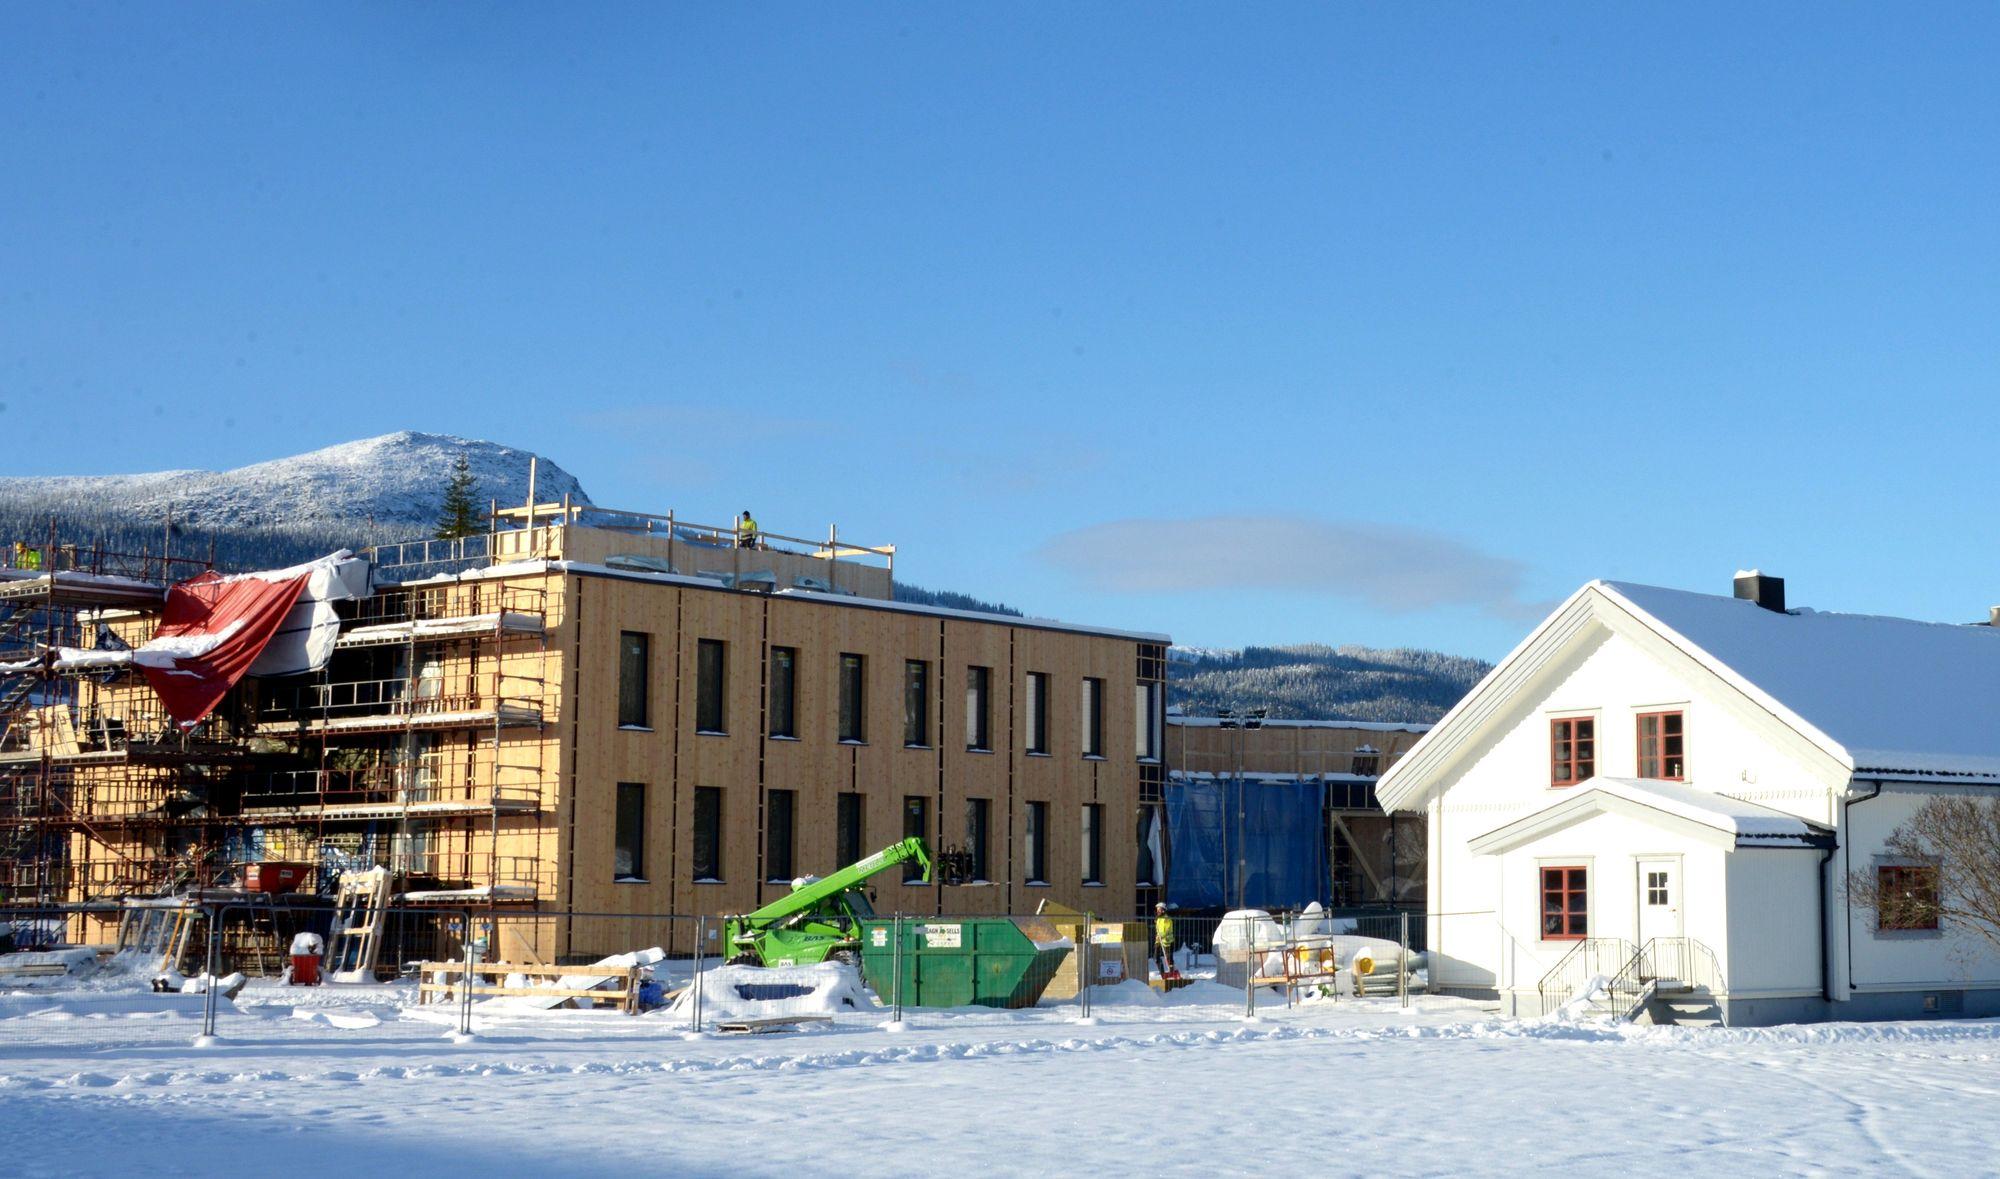 Selvom nybygget på Campus Evenstad har en meget vakker beliggenhet har man valgt å la taket ligge «brakk». Man kunne hatt hage, takterasse, høsting av regnvann, solcellepaneler, etc.